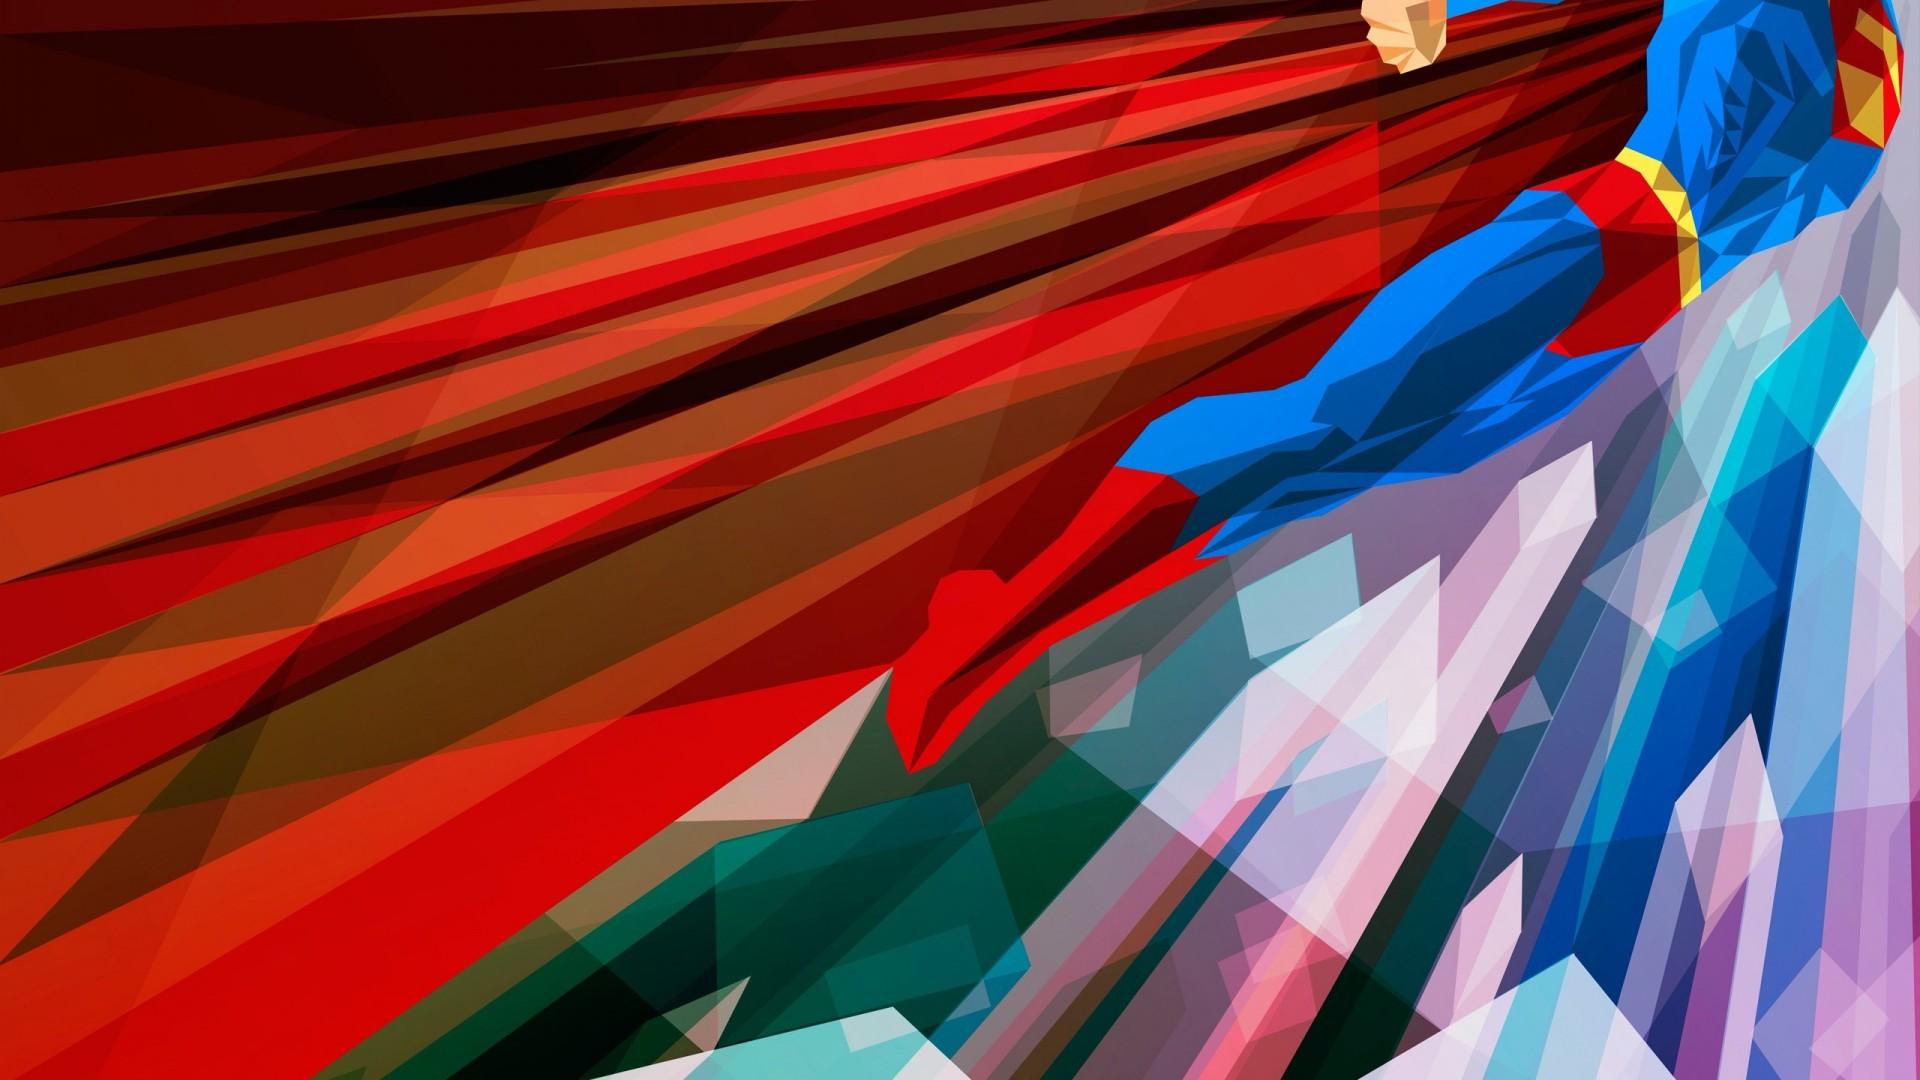 Superman Abstract 3D Wallpaper 1080P Super Man 1920x1080